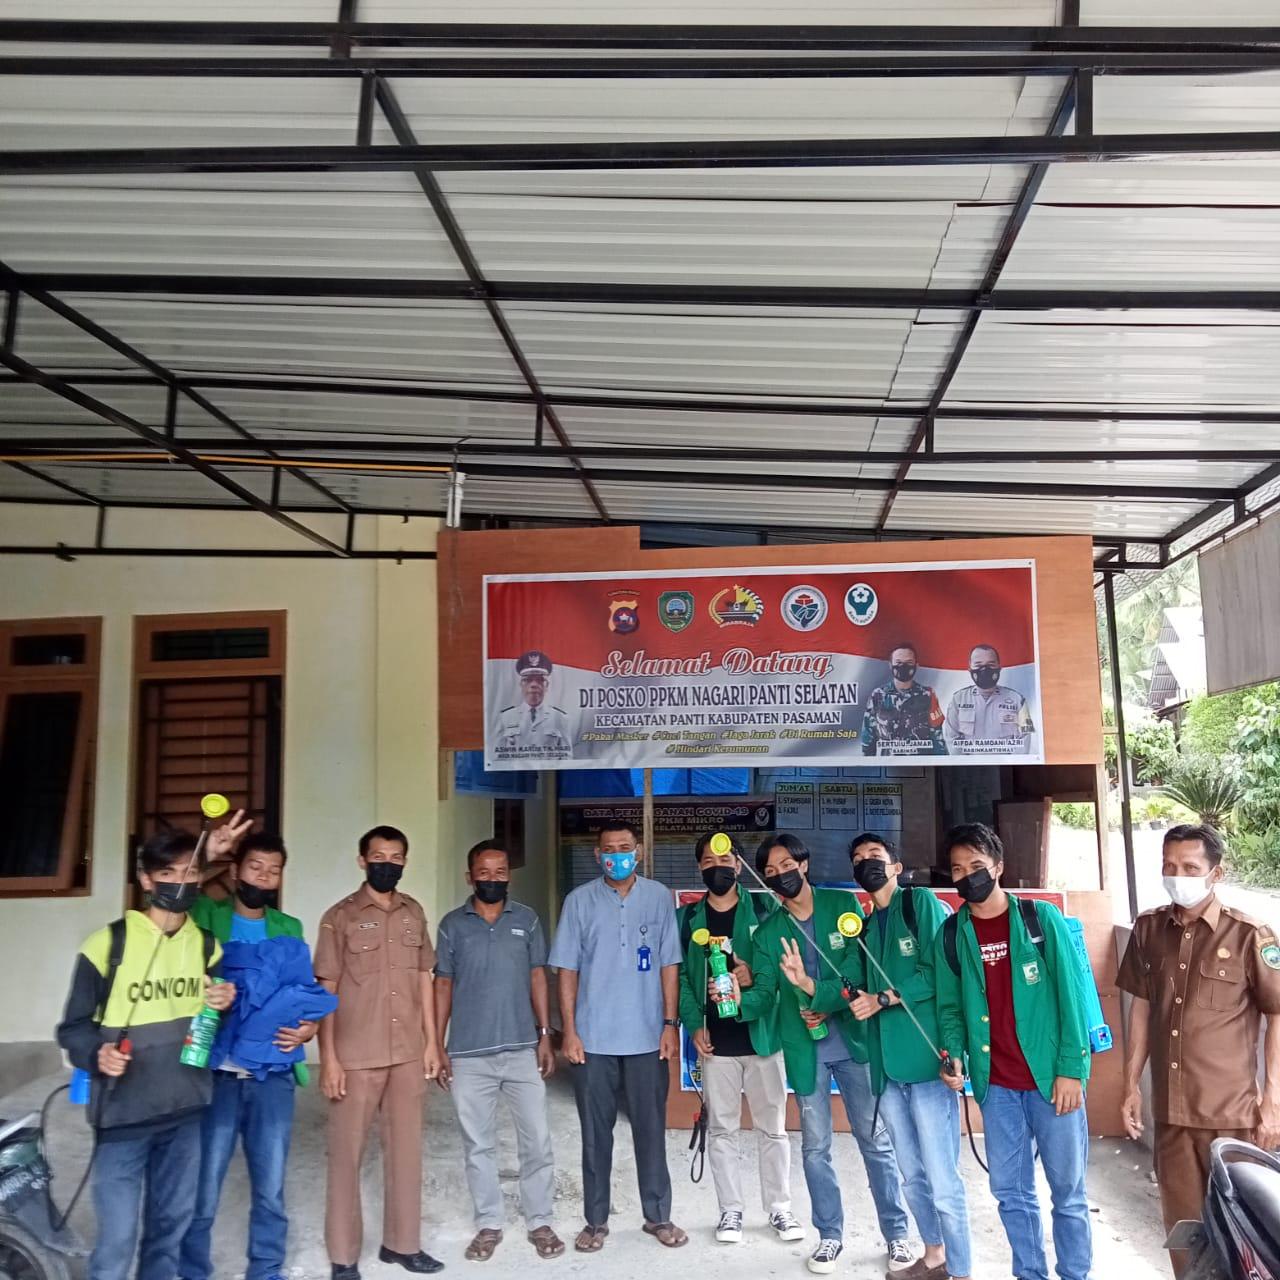 Sambut Idul Adha, Mahasiswa KKN Unand di Panti Selatan Lakukan Penyemprotan Desinfektan